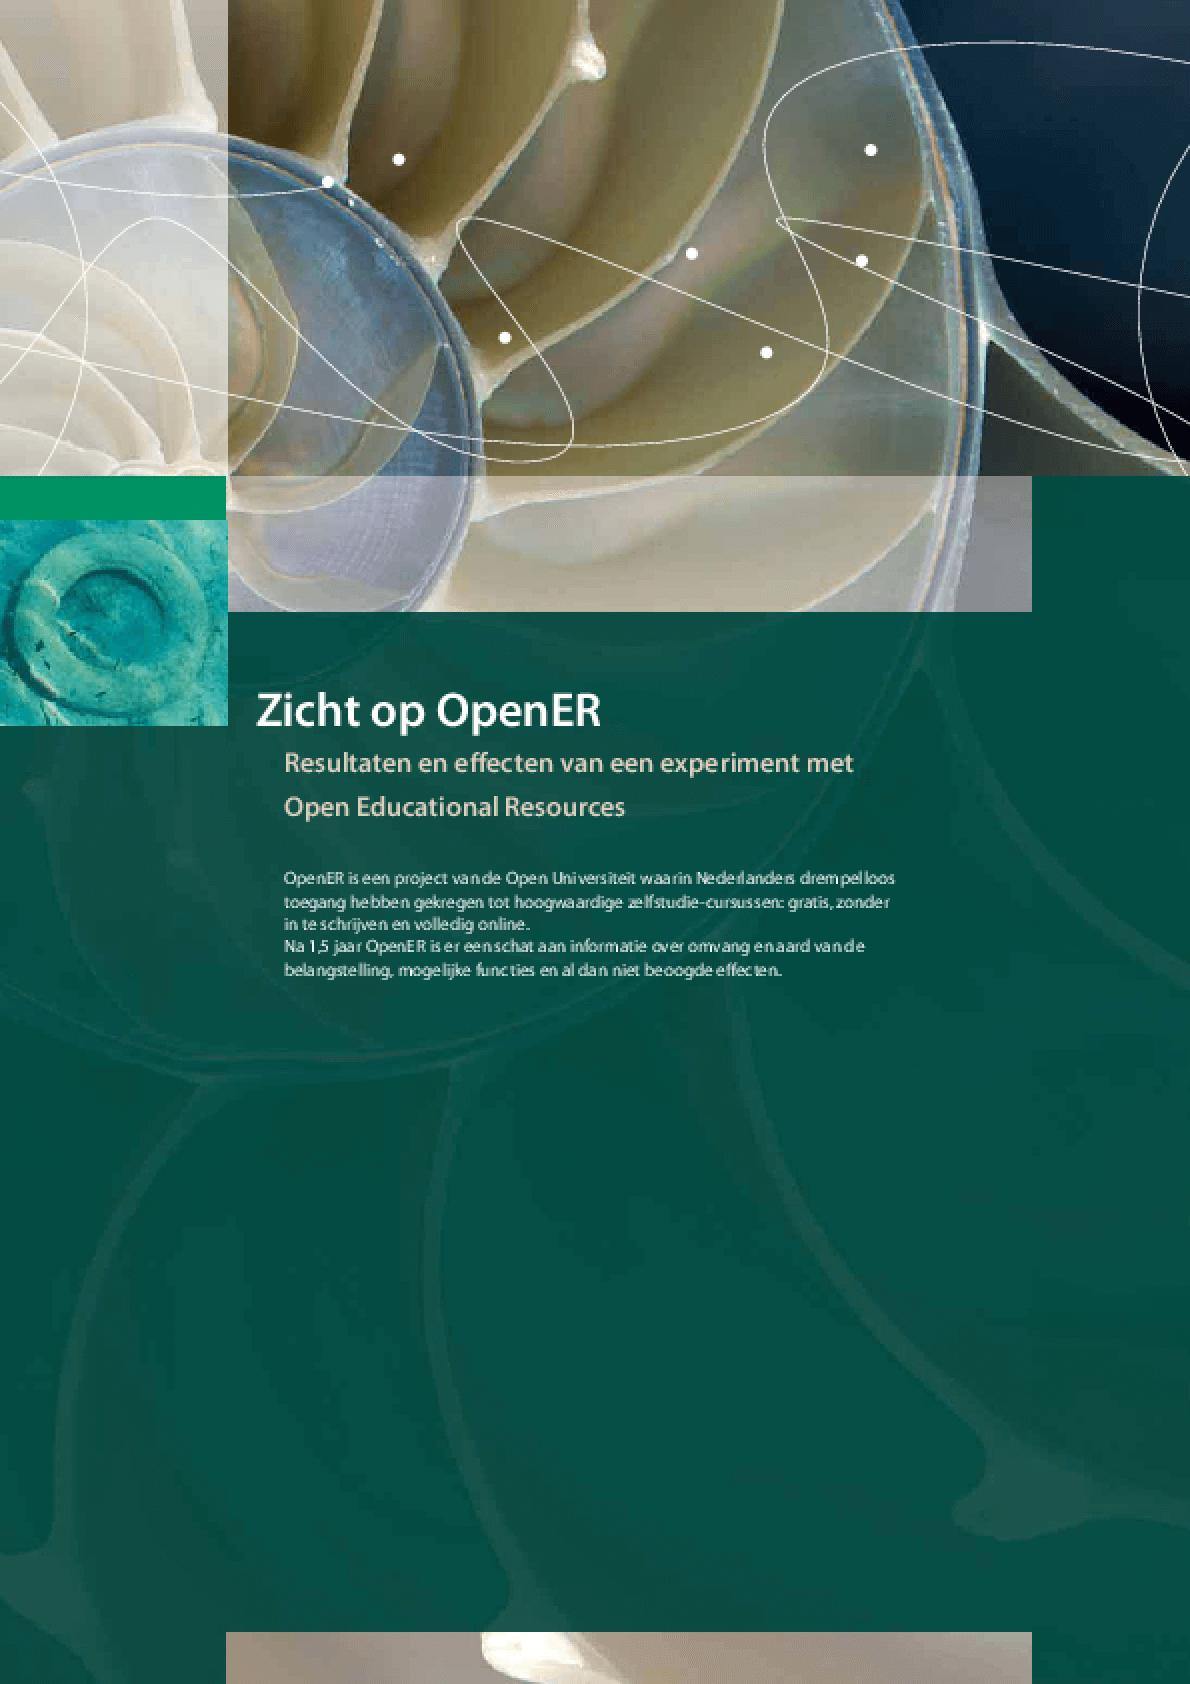 Zicht op OpenER - Resultaten en effecten